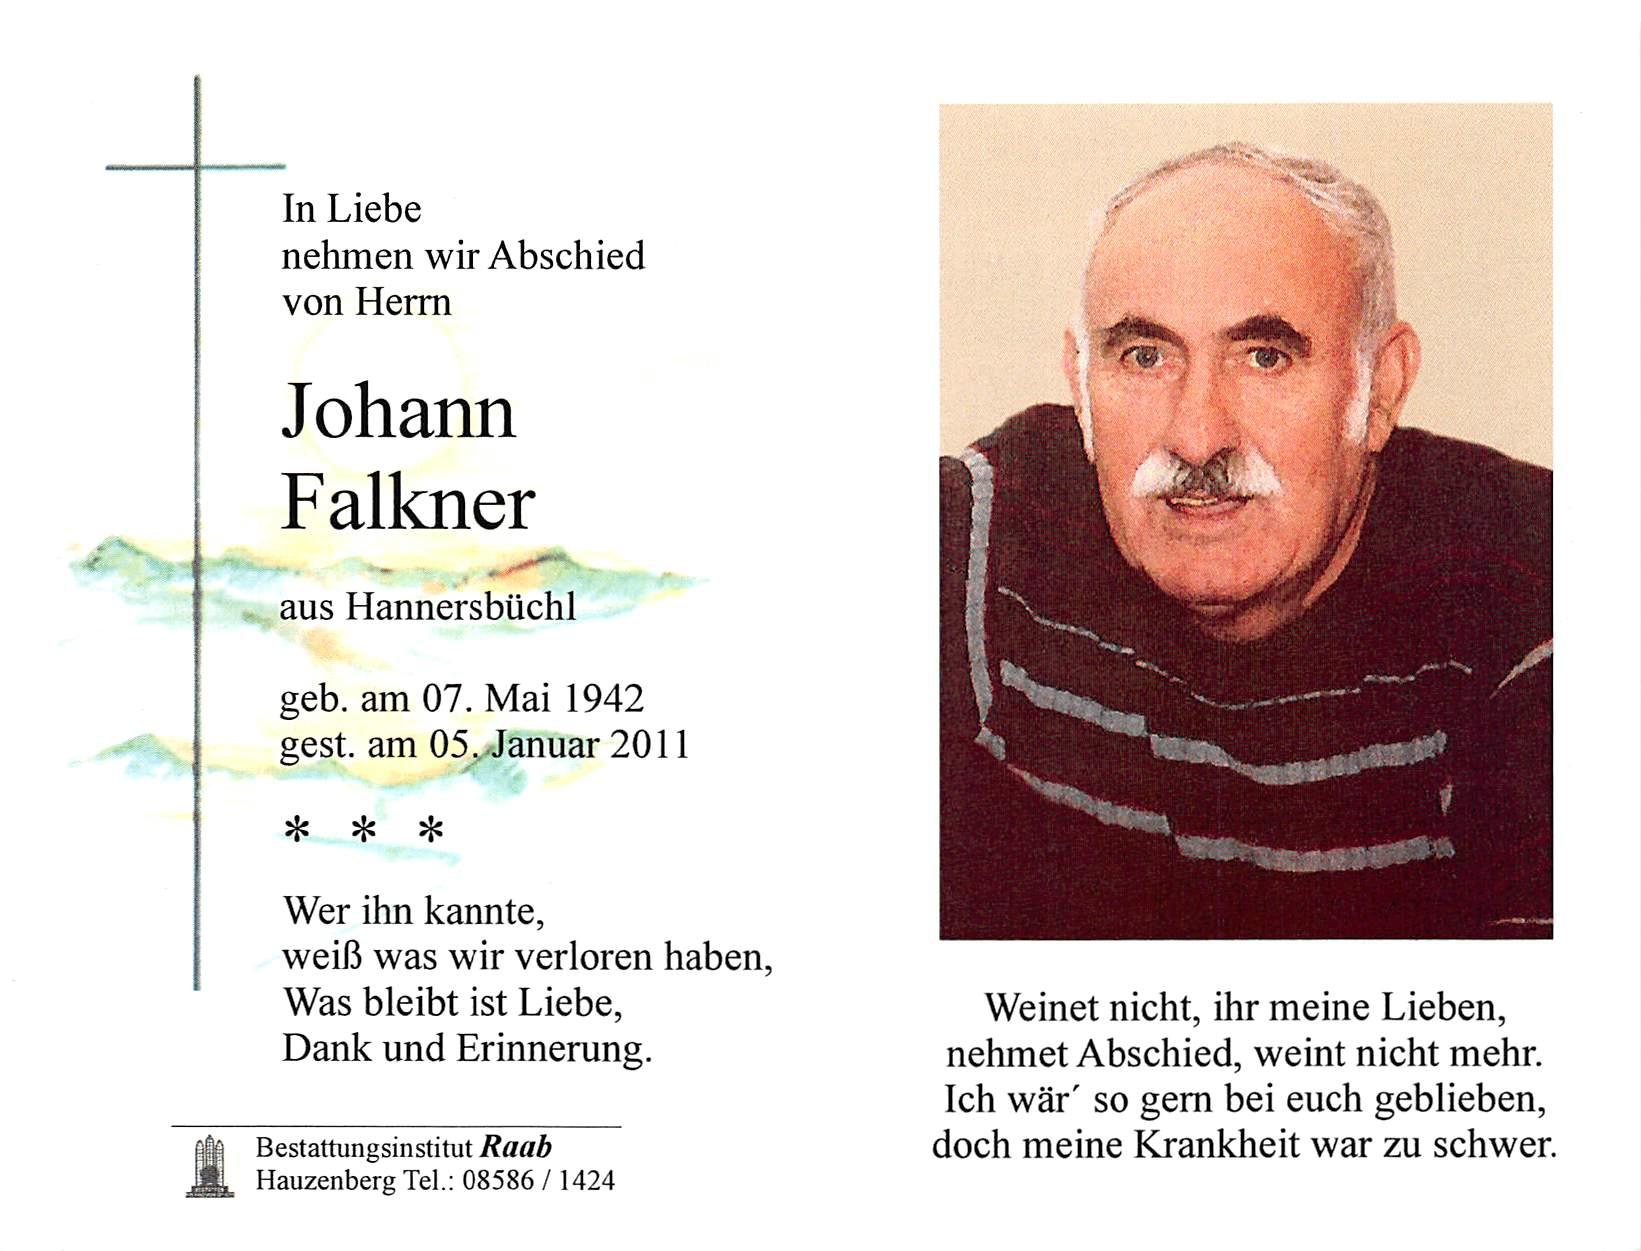 2011-01-05-Falkner-Johann-Hannersbüchl-LangHans